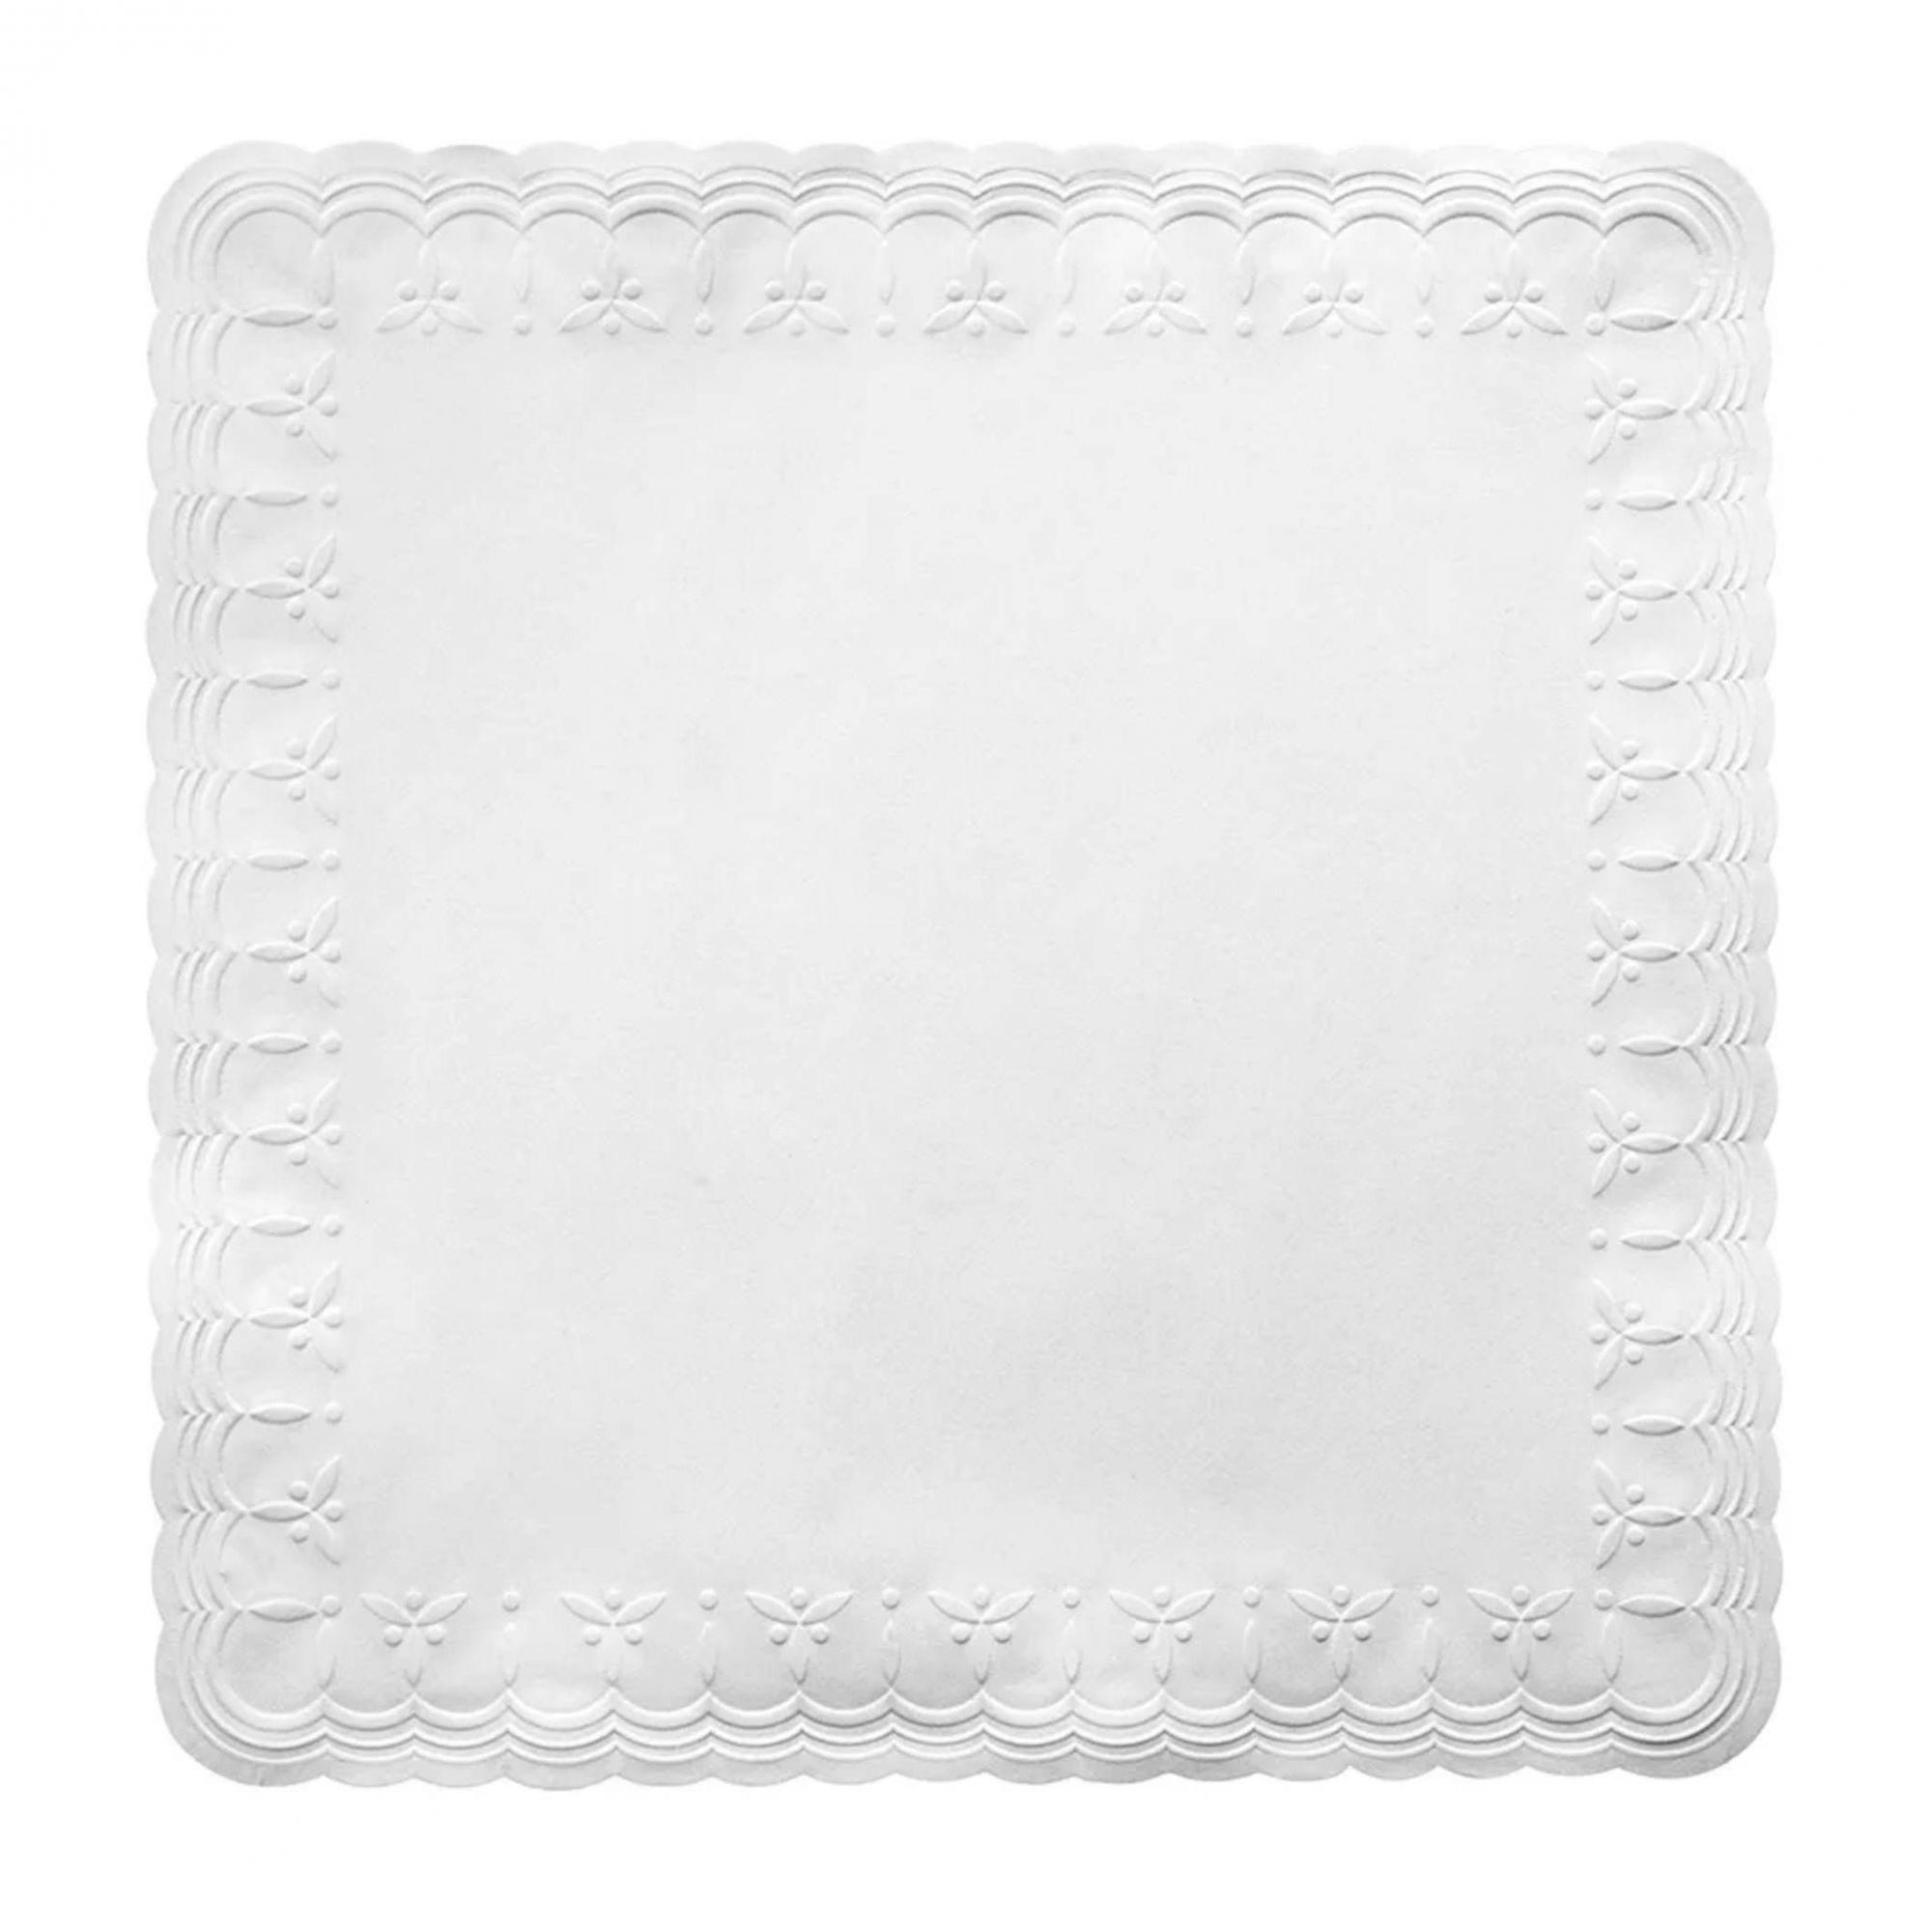 Guardanapo papel branco Trevo 24x24 - 100 unid  - Persona Guardanapos & Cia